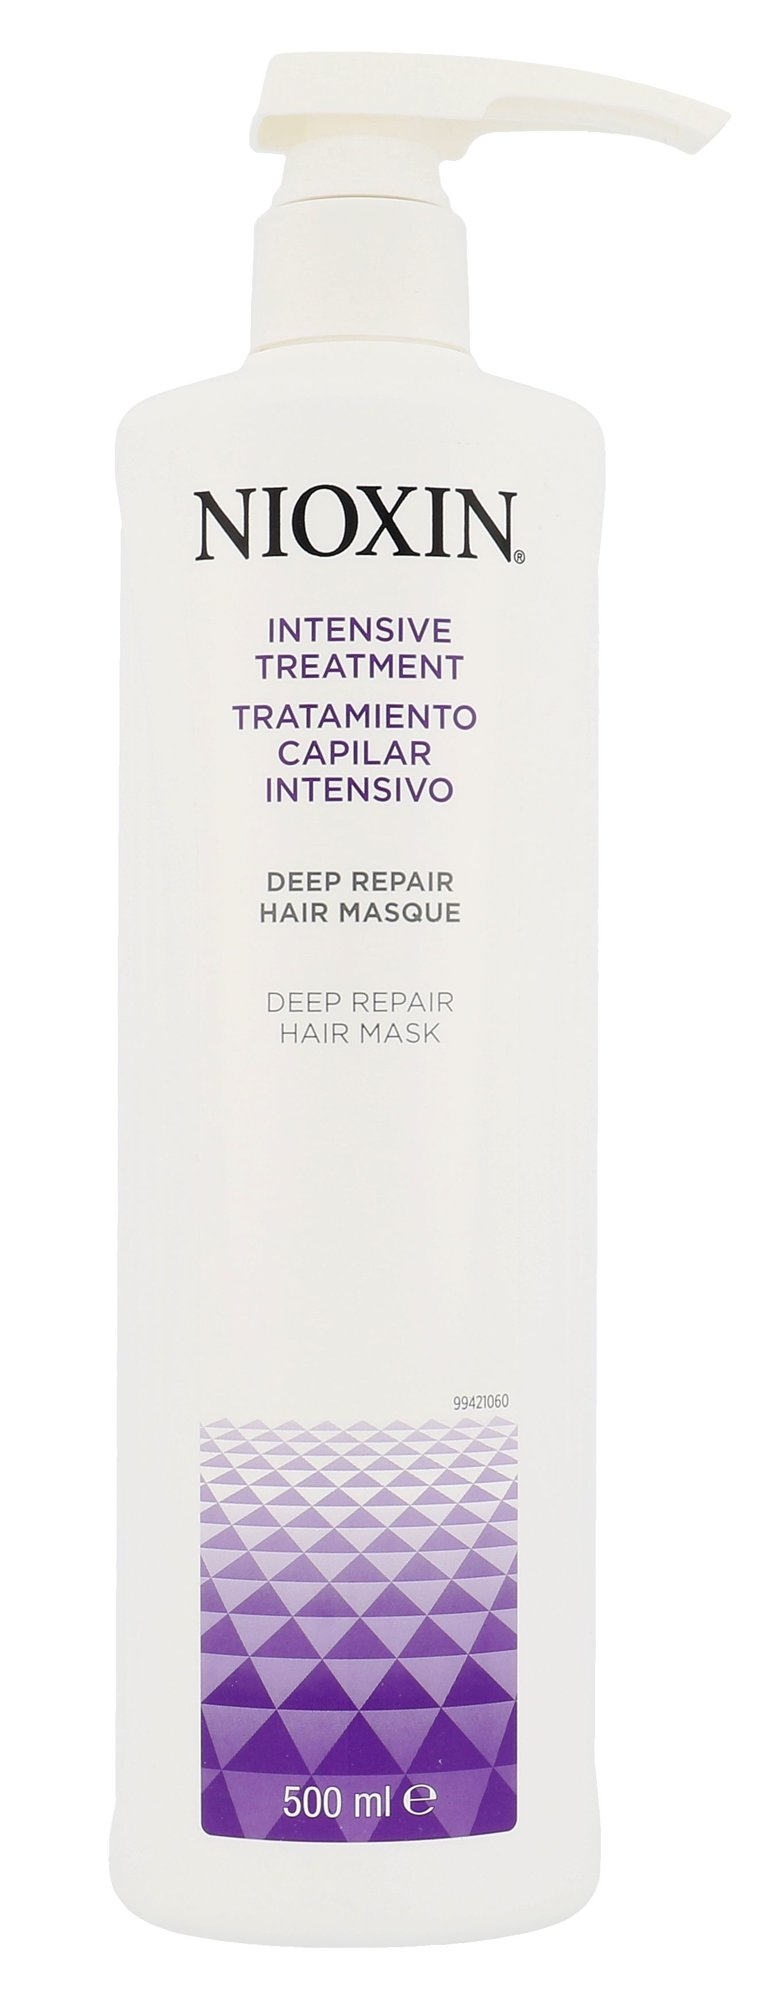 Nioxin Intesive Treatment Cosmetic 500ml  Deep Repair Hair Masque